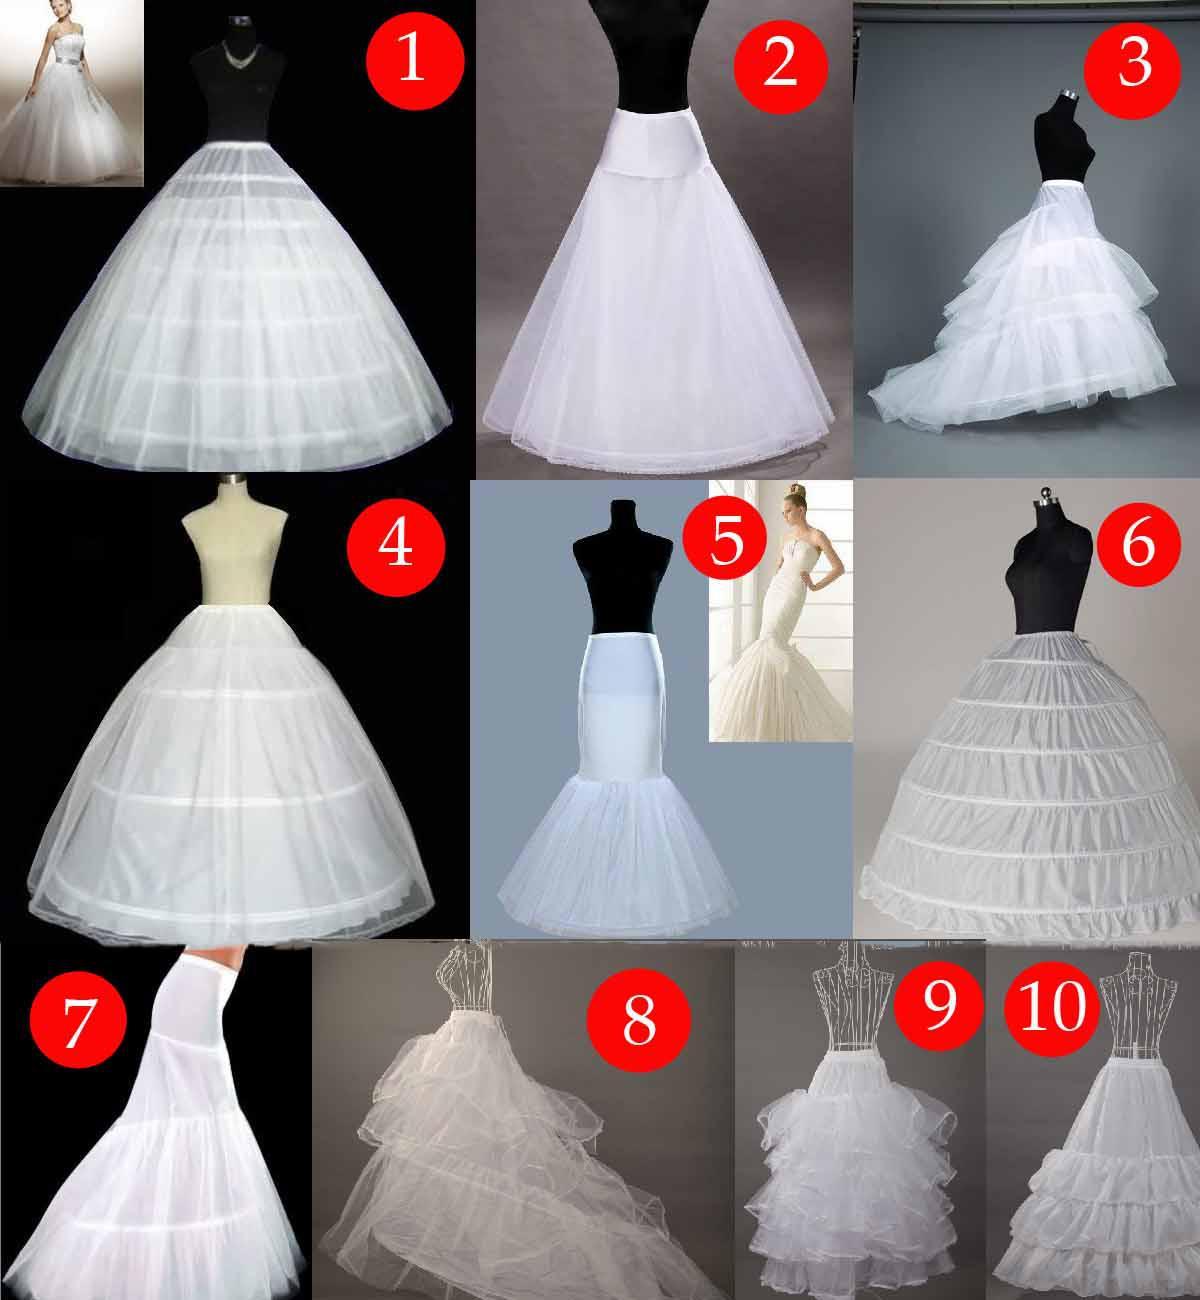 2019 goedkope bruids petticoat trouwjurken onderrok voor vrouwen formele jurken hot koop zeemeermin / baljurk gratis verzending